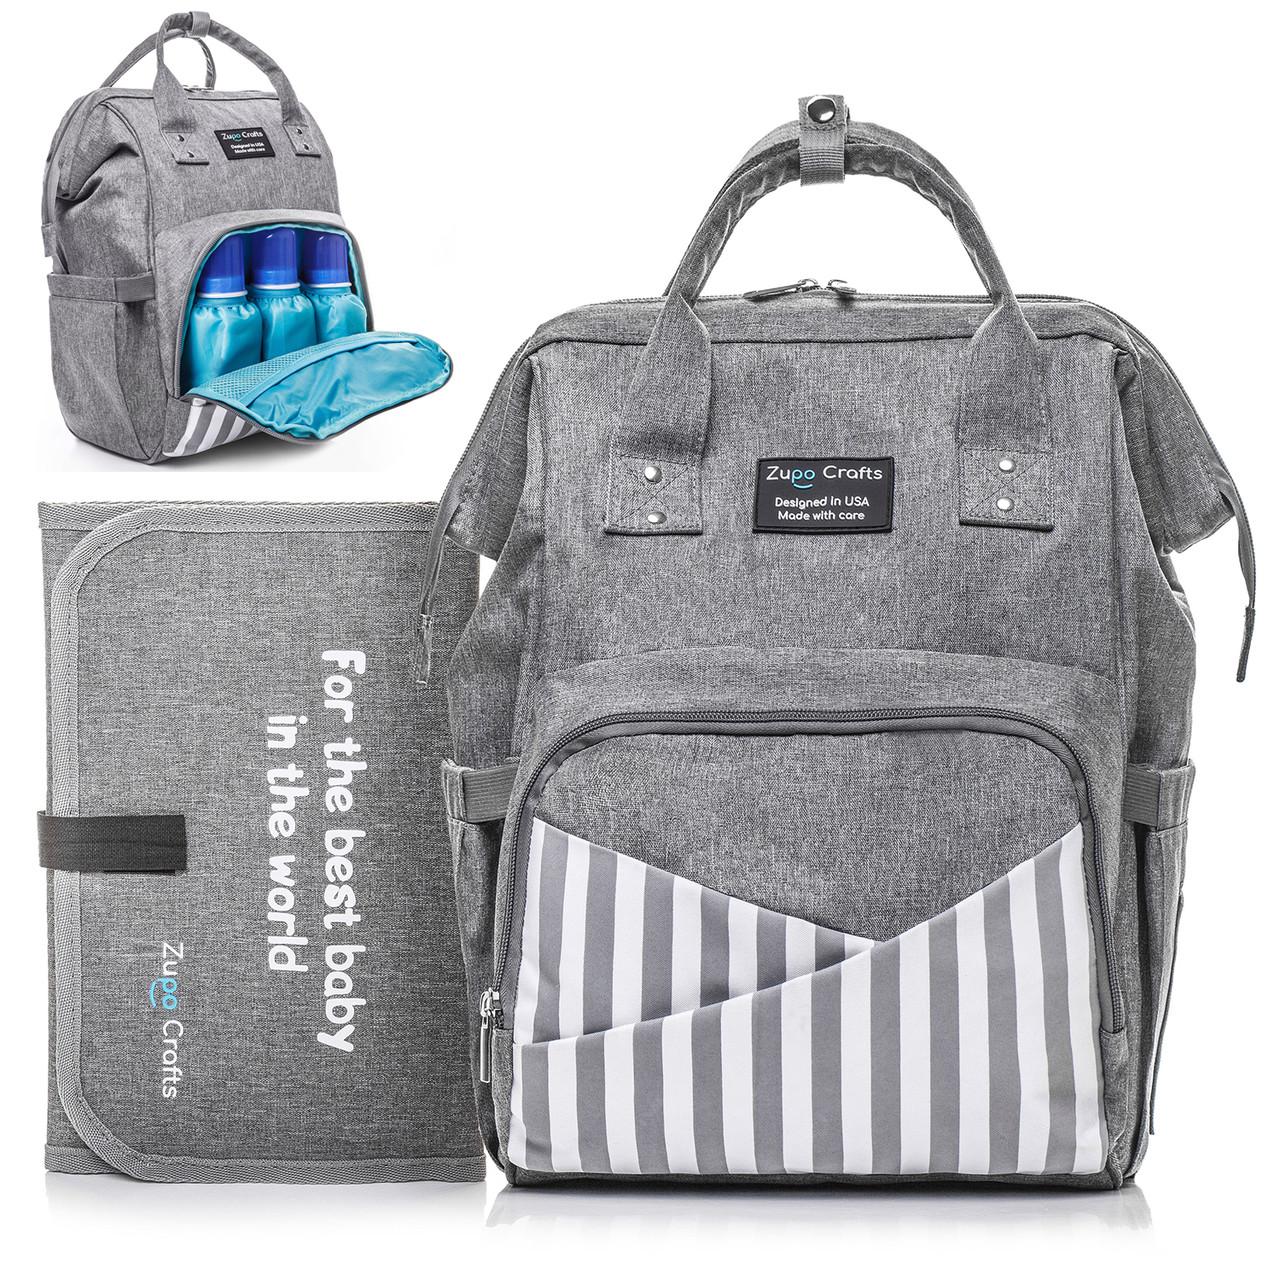 73d0032a32e7 ... Сумка-рюкзак для мамы Zupo Crafts + пеленальный матрасик (6765), ...